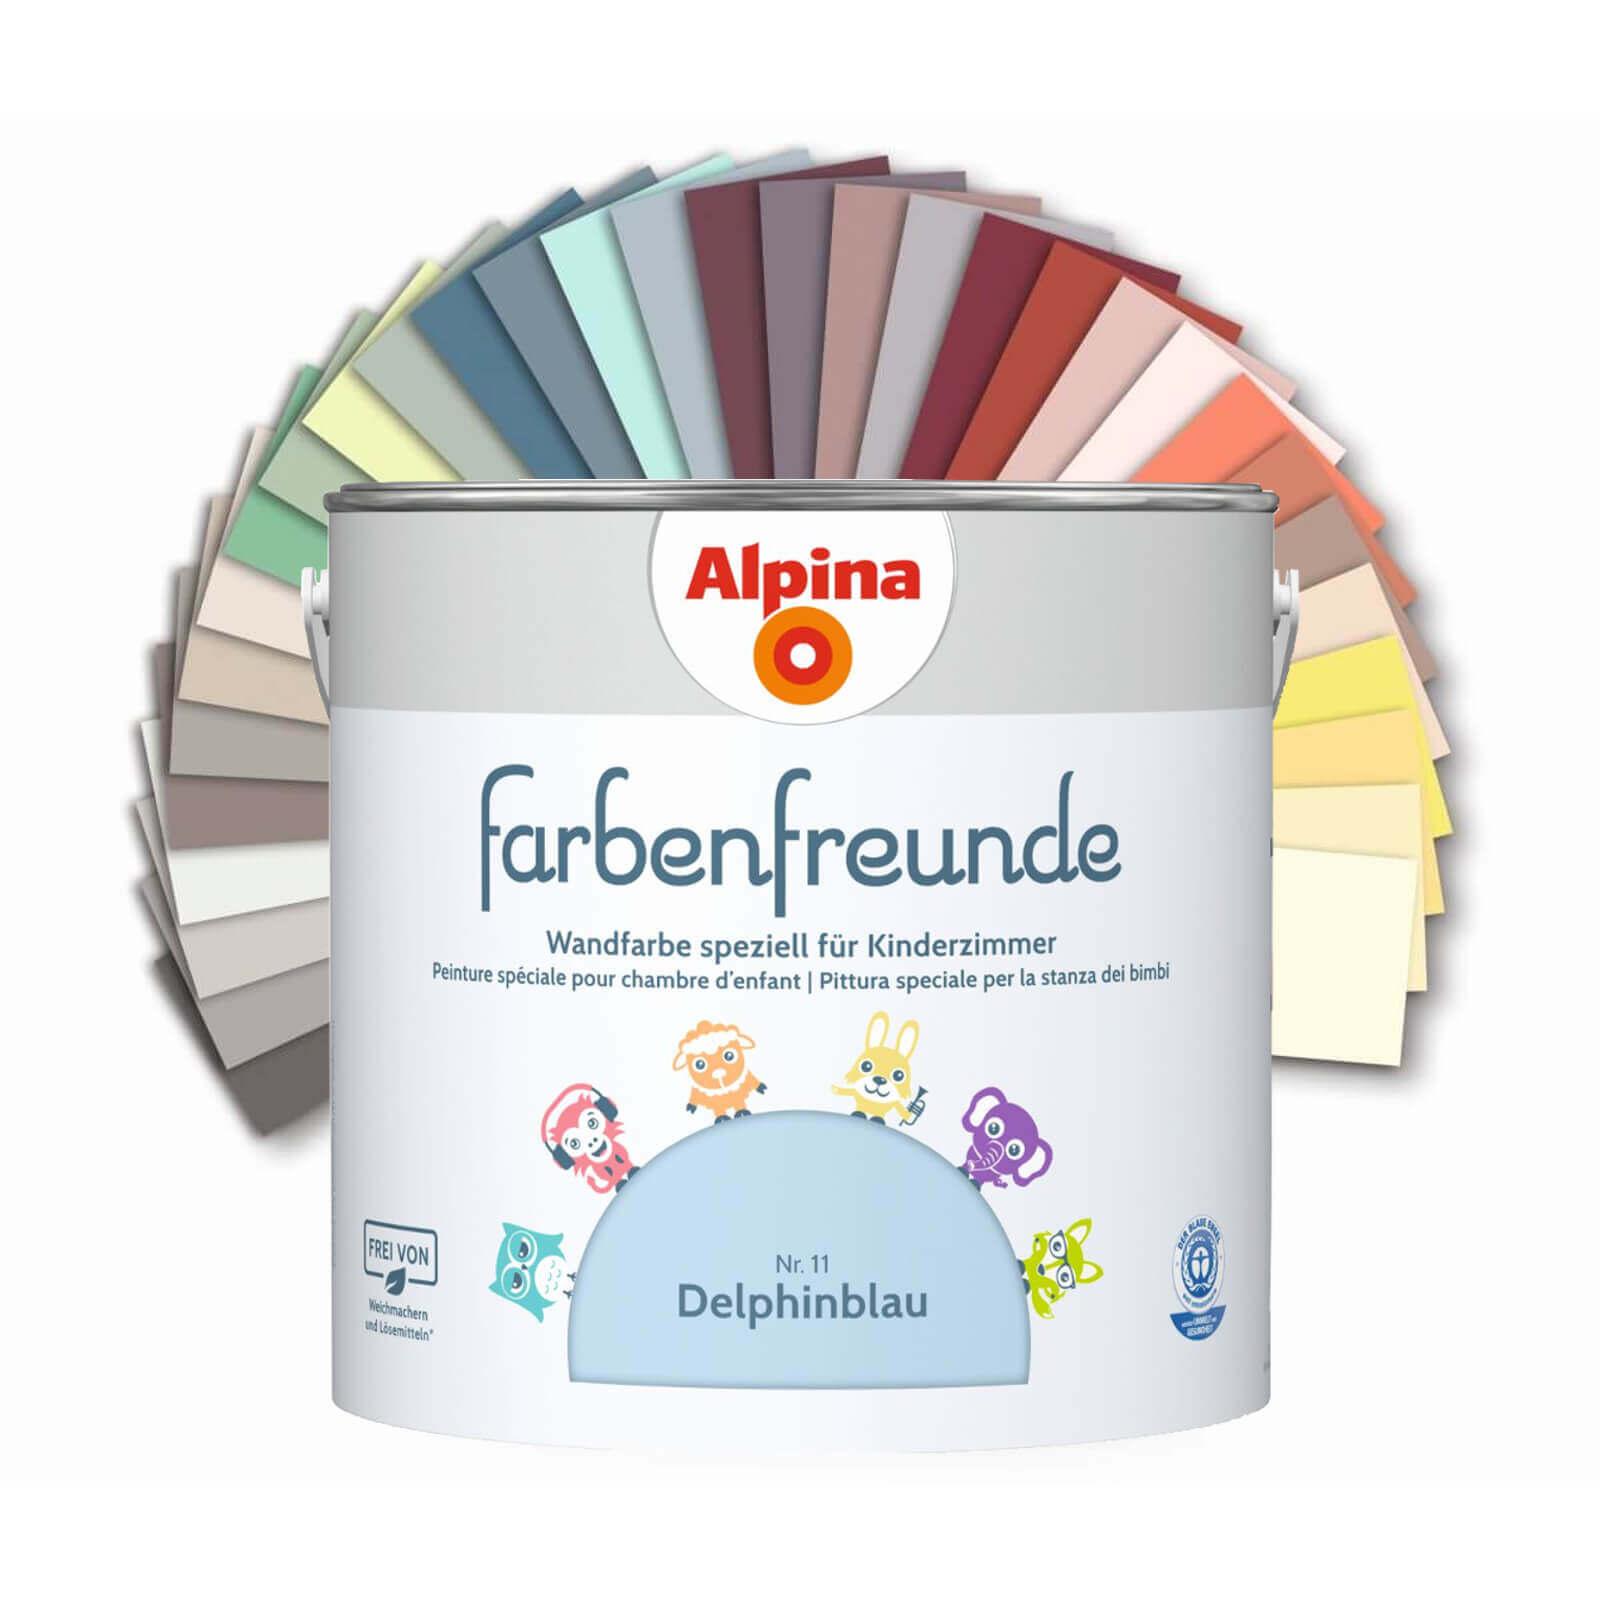 Alpina Farbenfreunde 2 5 L Kinderzimmer Farben Keine Weichmacher Losungsmittel